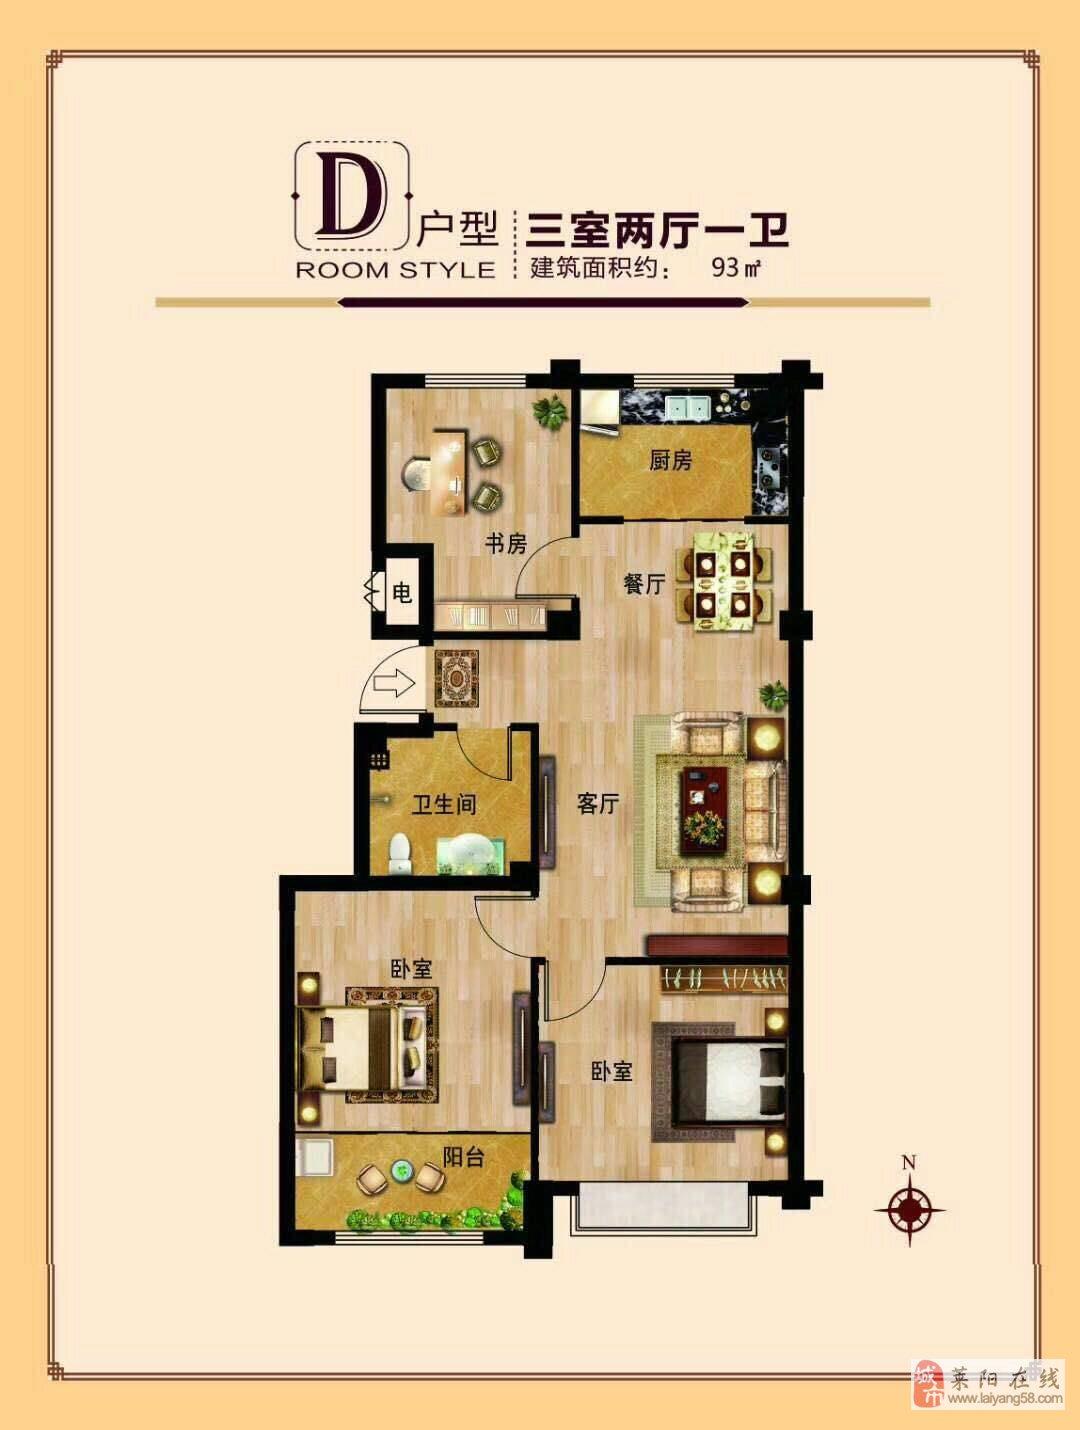 德怡嘉苑3室2廳1衛44.5萬元